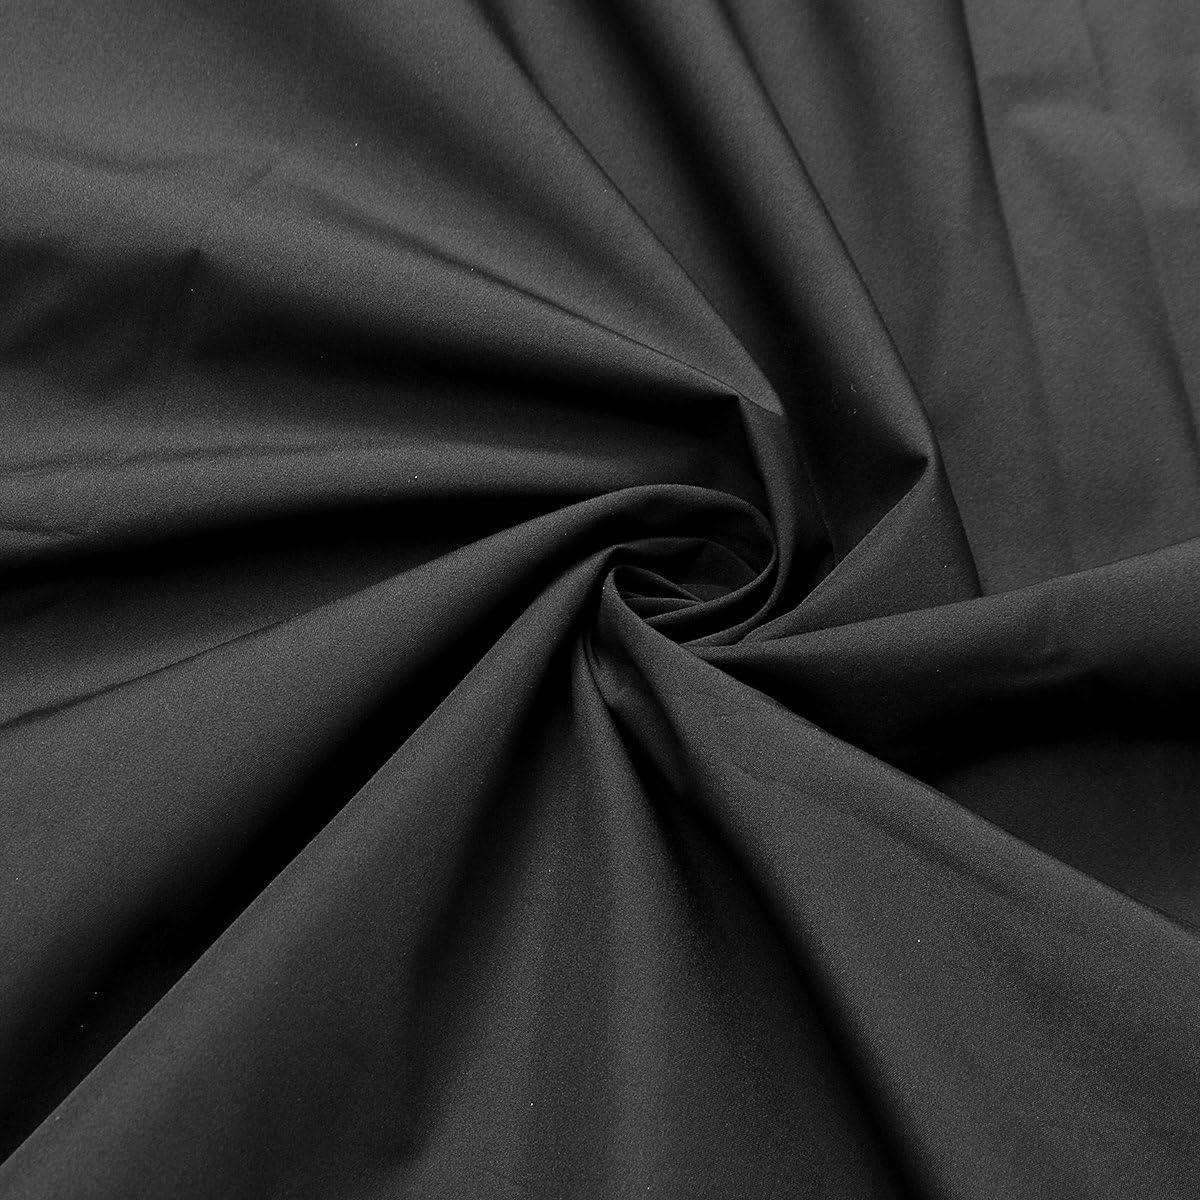 Hobart Cover for Handler 125 210 MIG Welder 190 180 140 195186